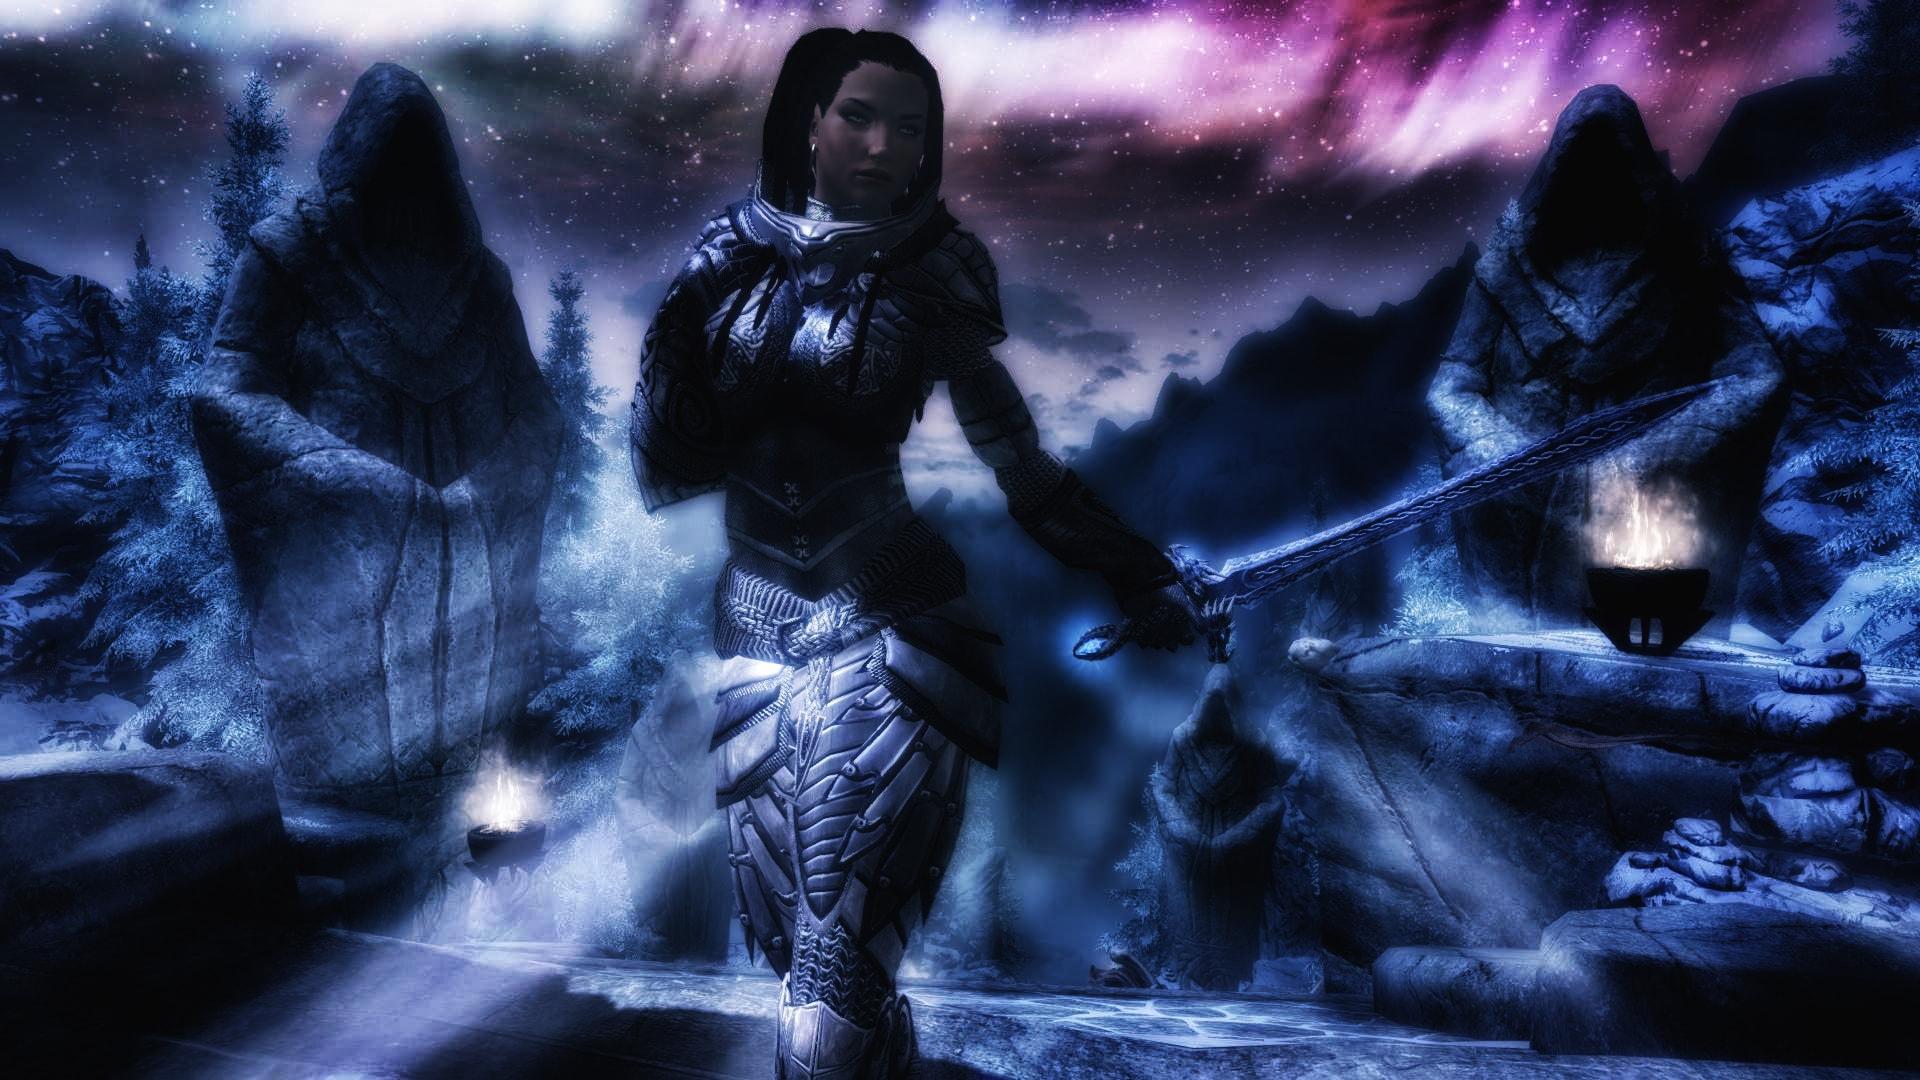 мечи от джейсуса скайрим